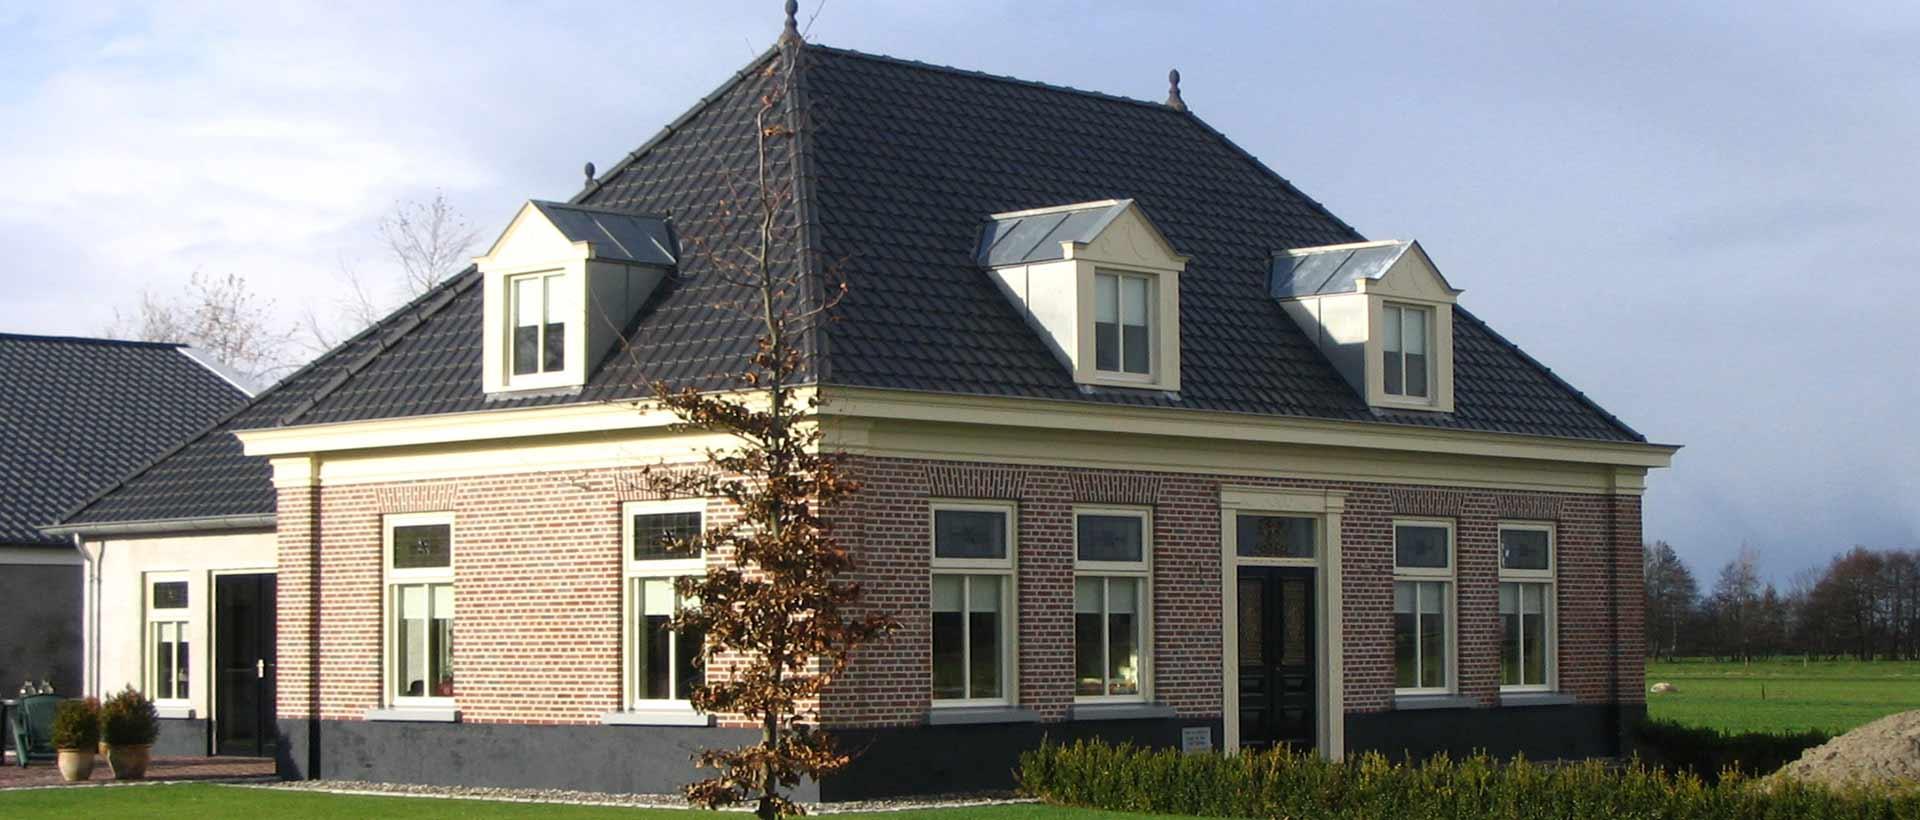 Bouw landelijke vrijstaande woning door aannemersbedrijf Wielink